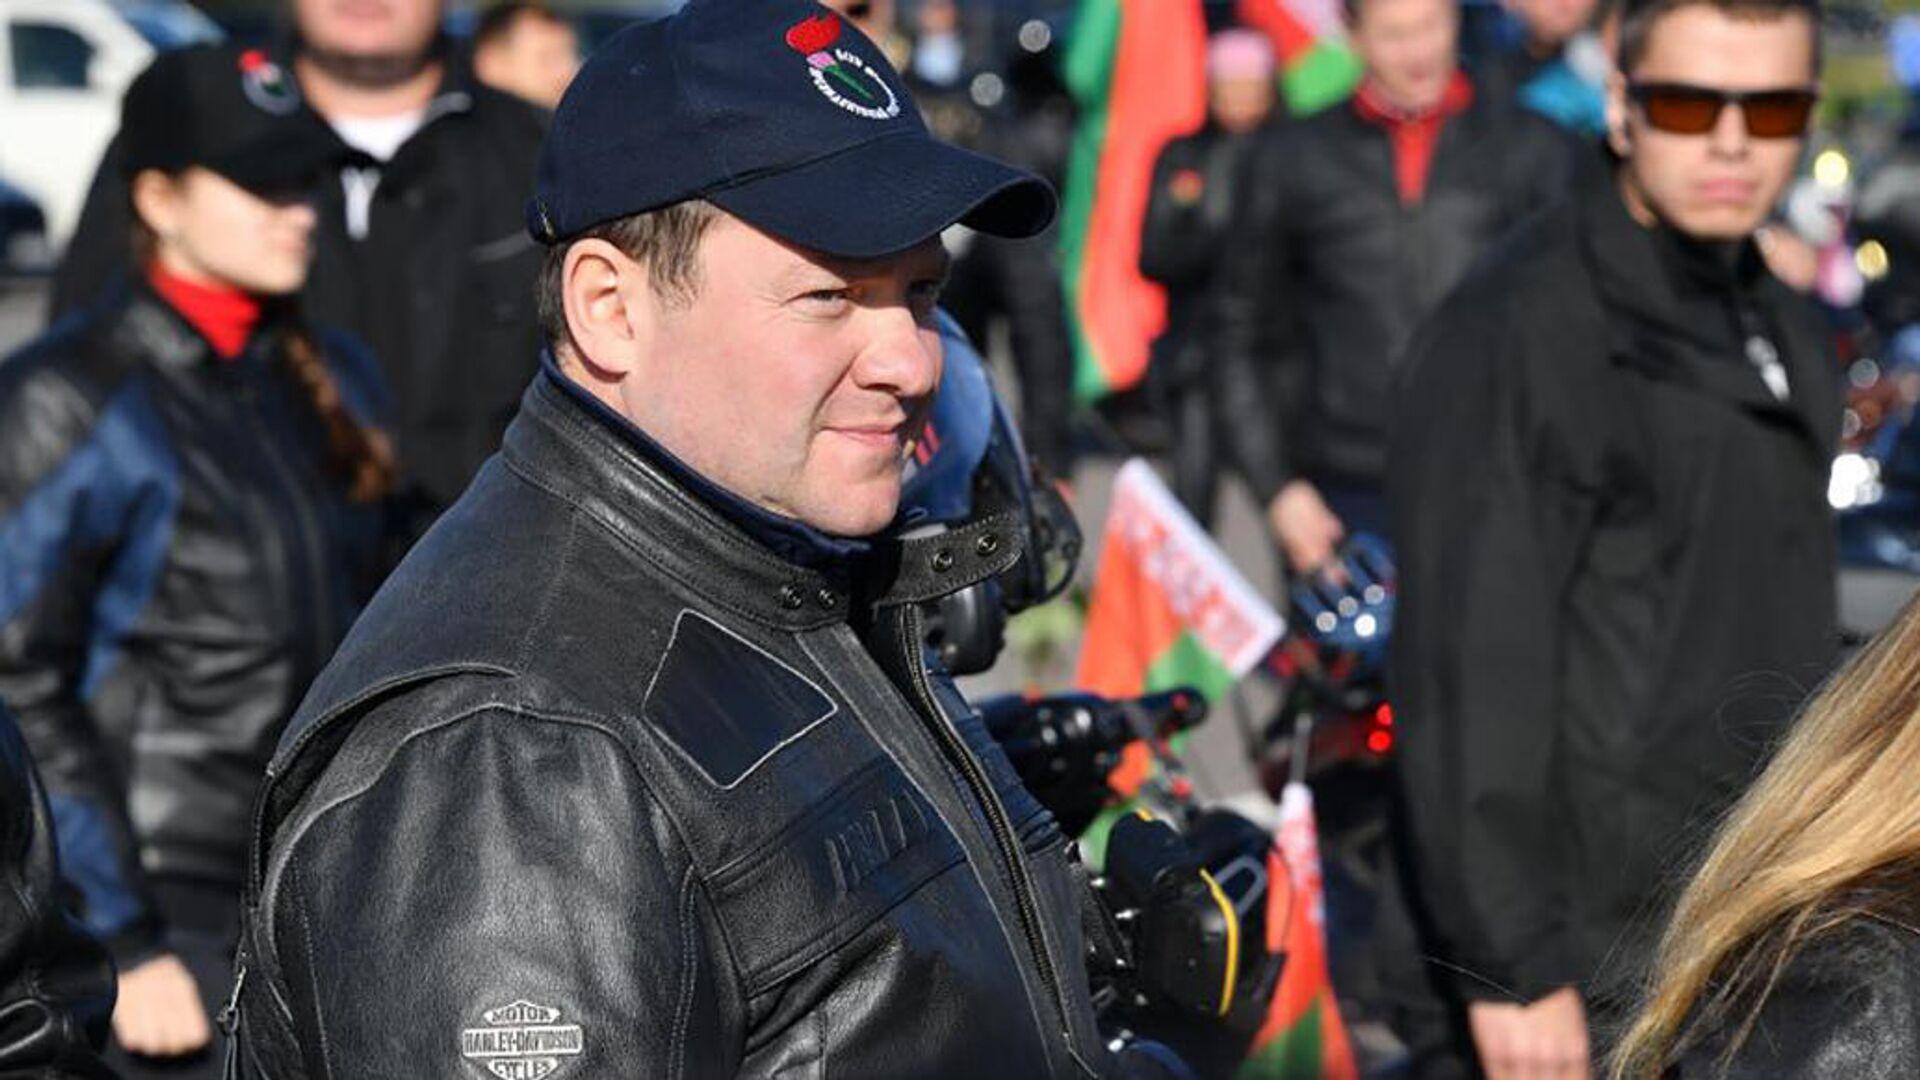 Сын президента Белоруссии Дмитрий Лукашенко - РИА Новости, 1920, 20.09.2020